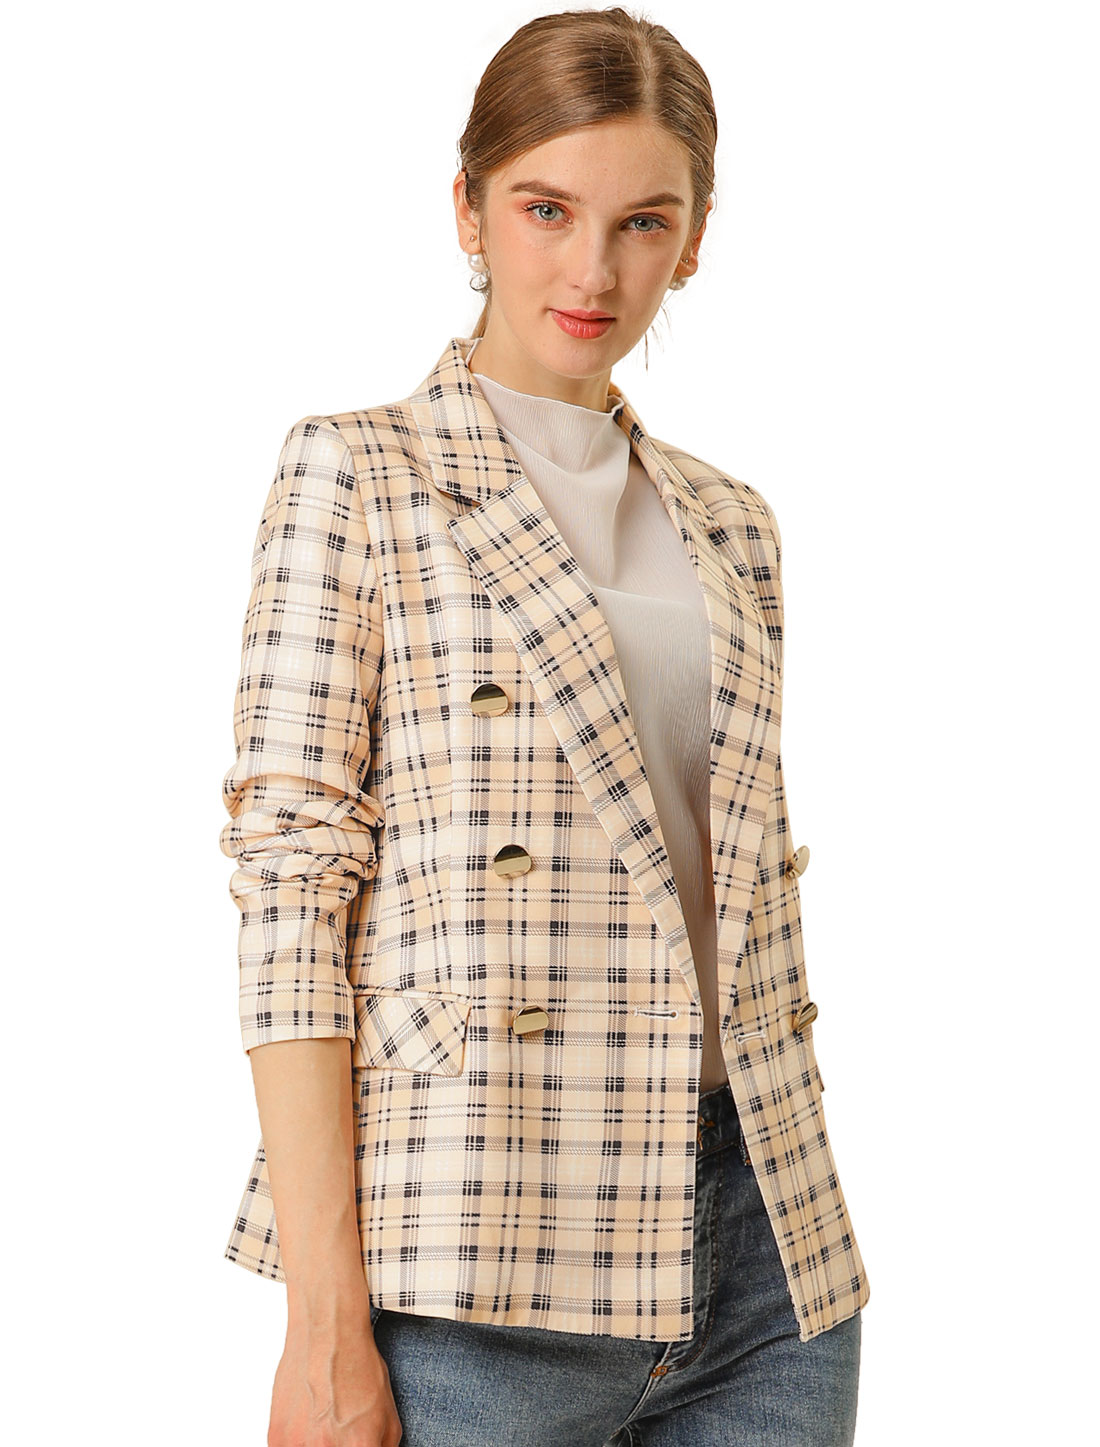 Allegra K Women Plaid Checks Outwear Blazer Jacket Pink Apricot XS